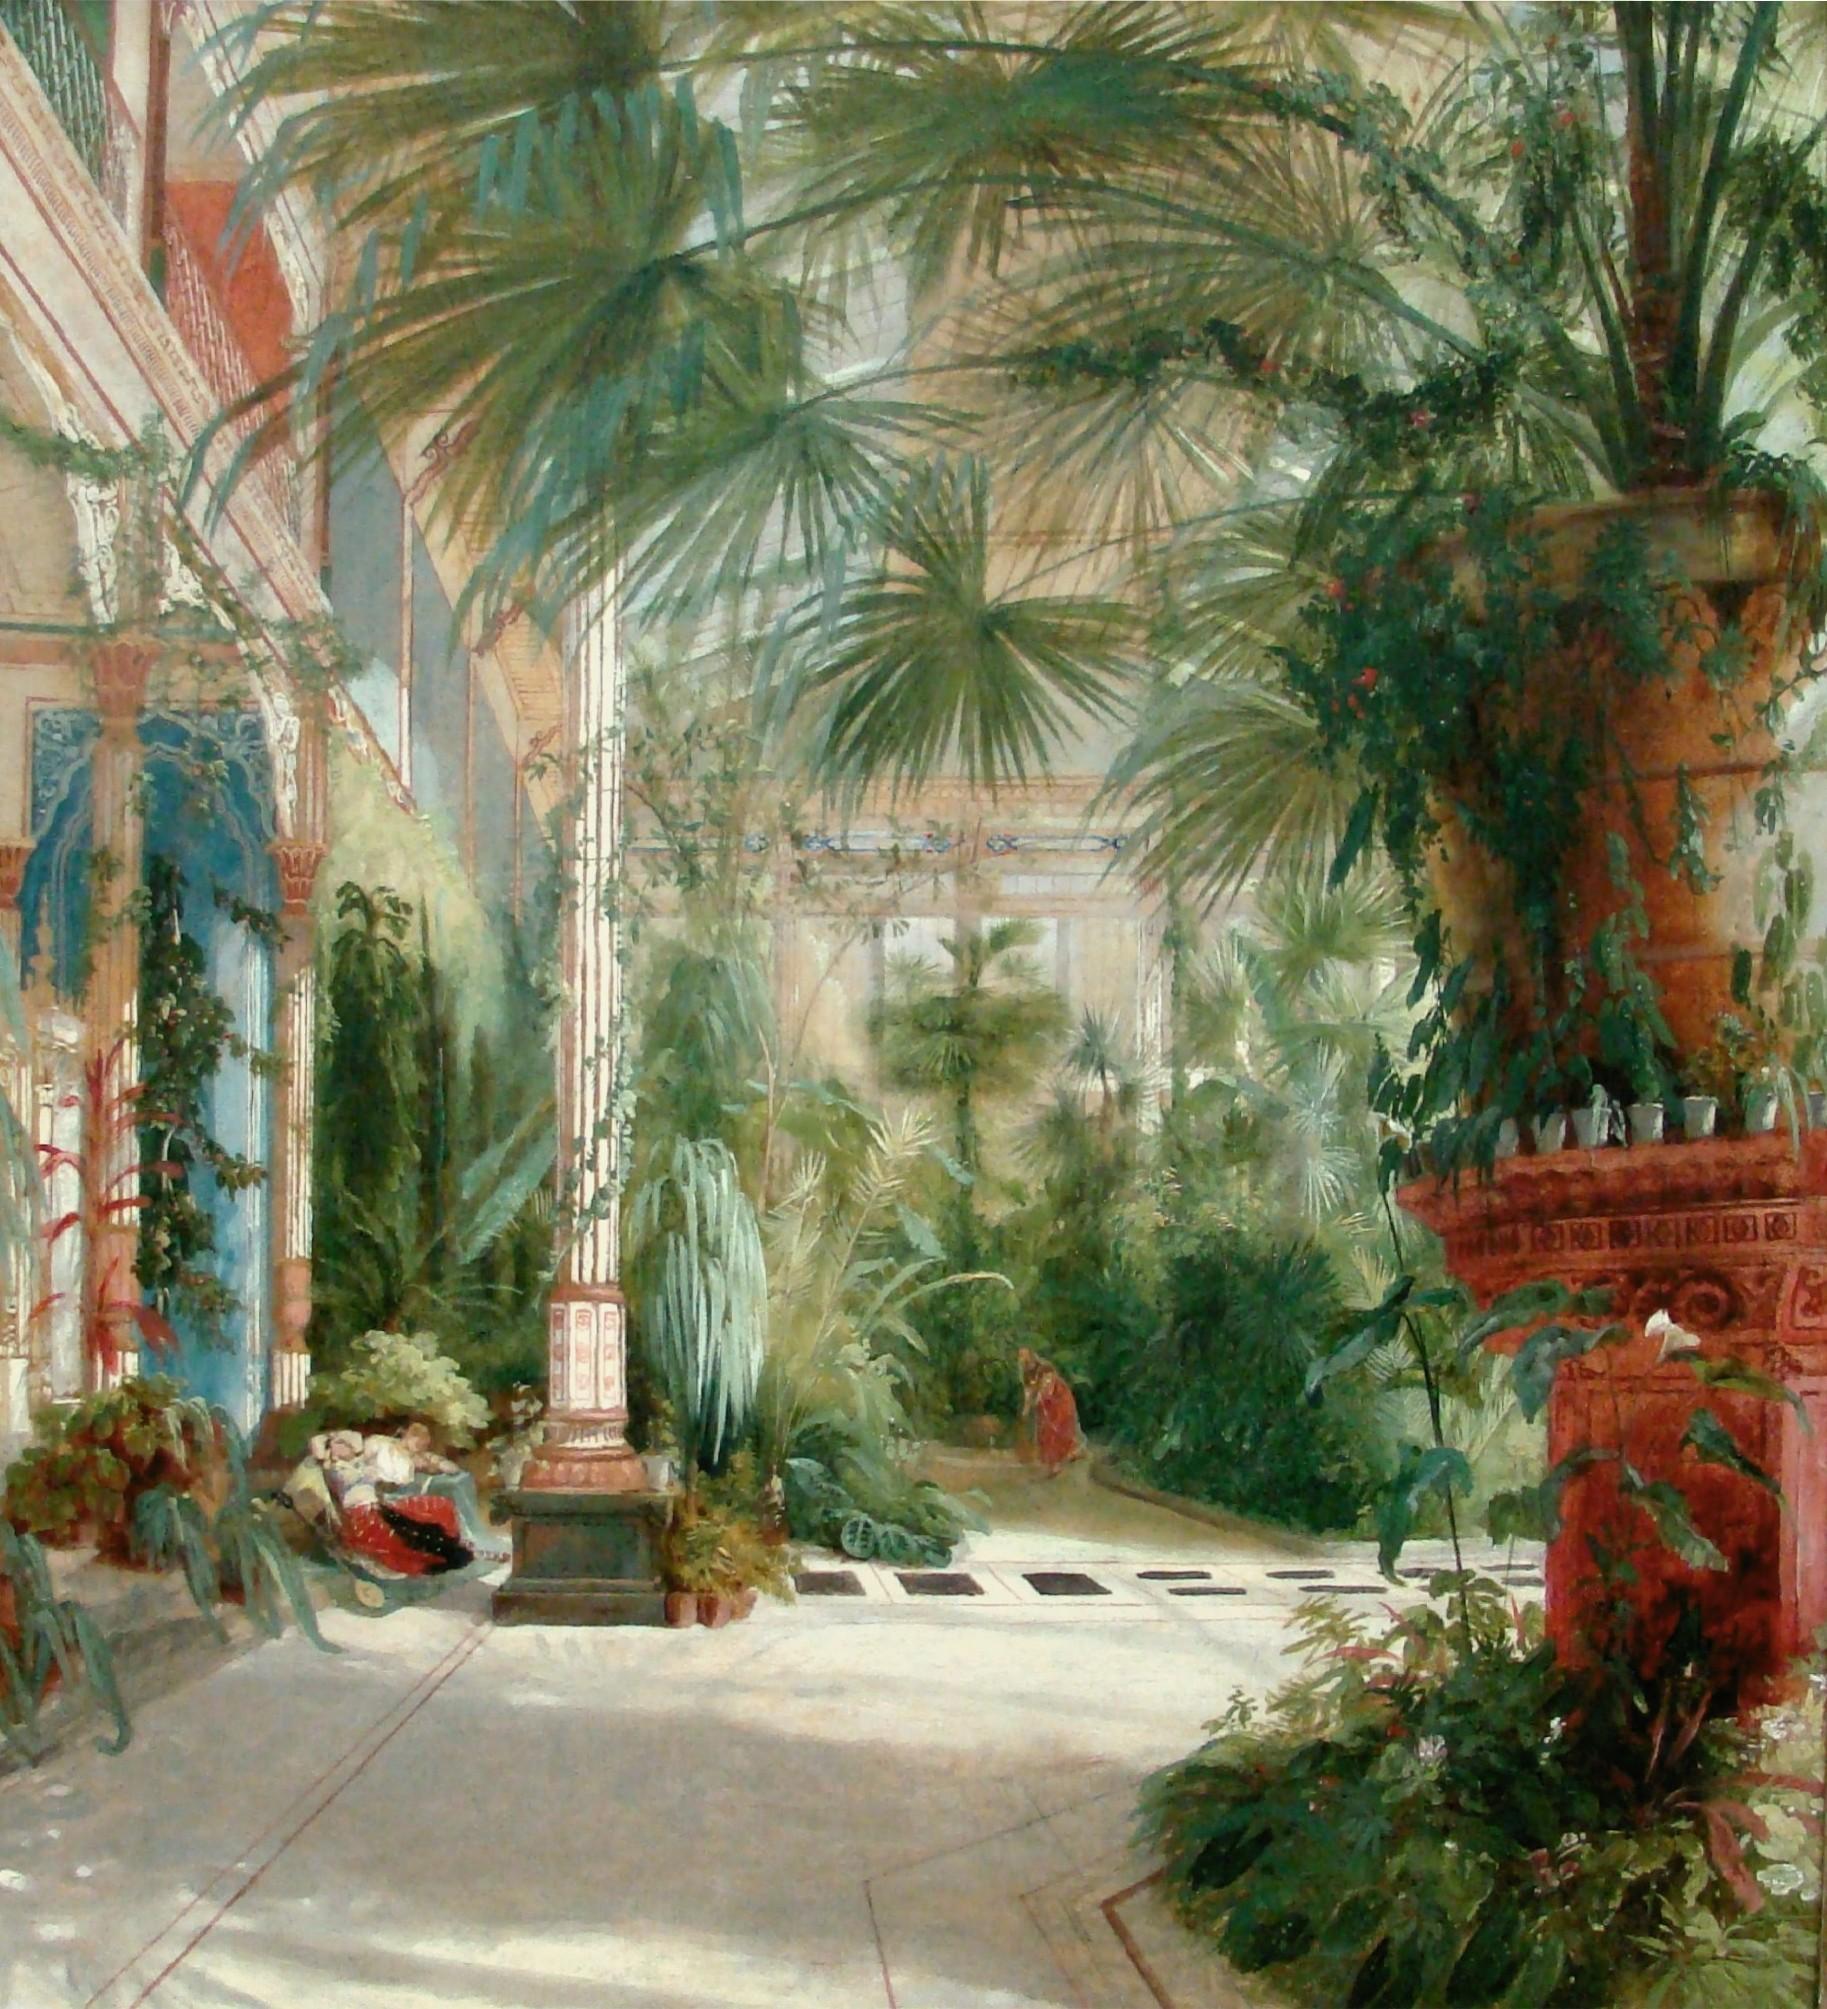 historie und entwicklung des wintergarten baumarkt. Black Bedroom Furniture Sets. Home Design Ideas